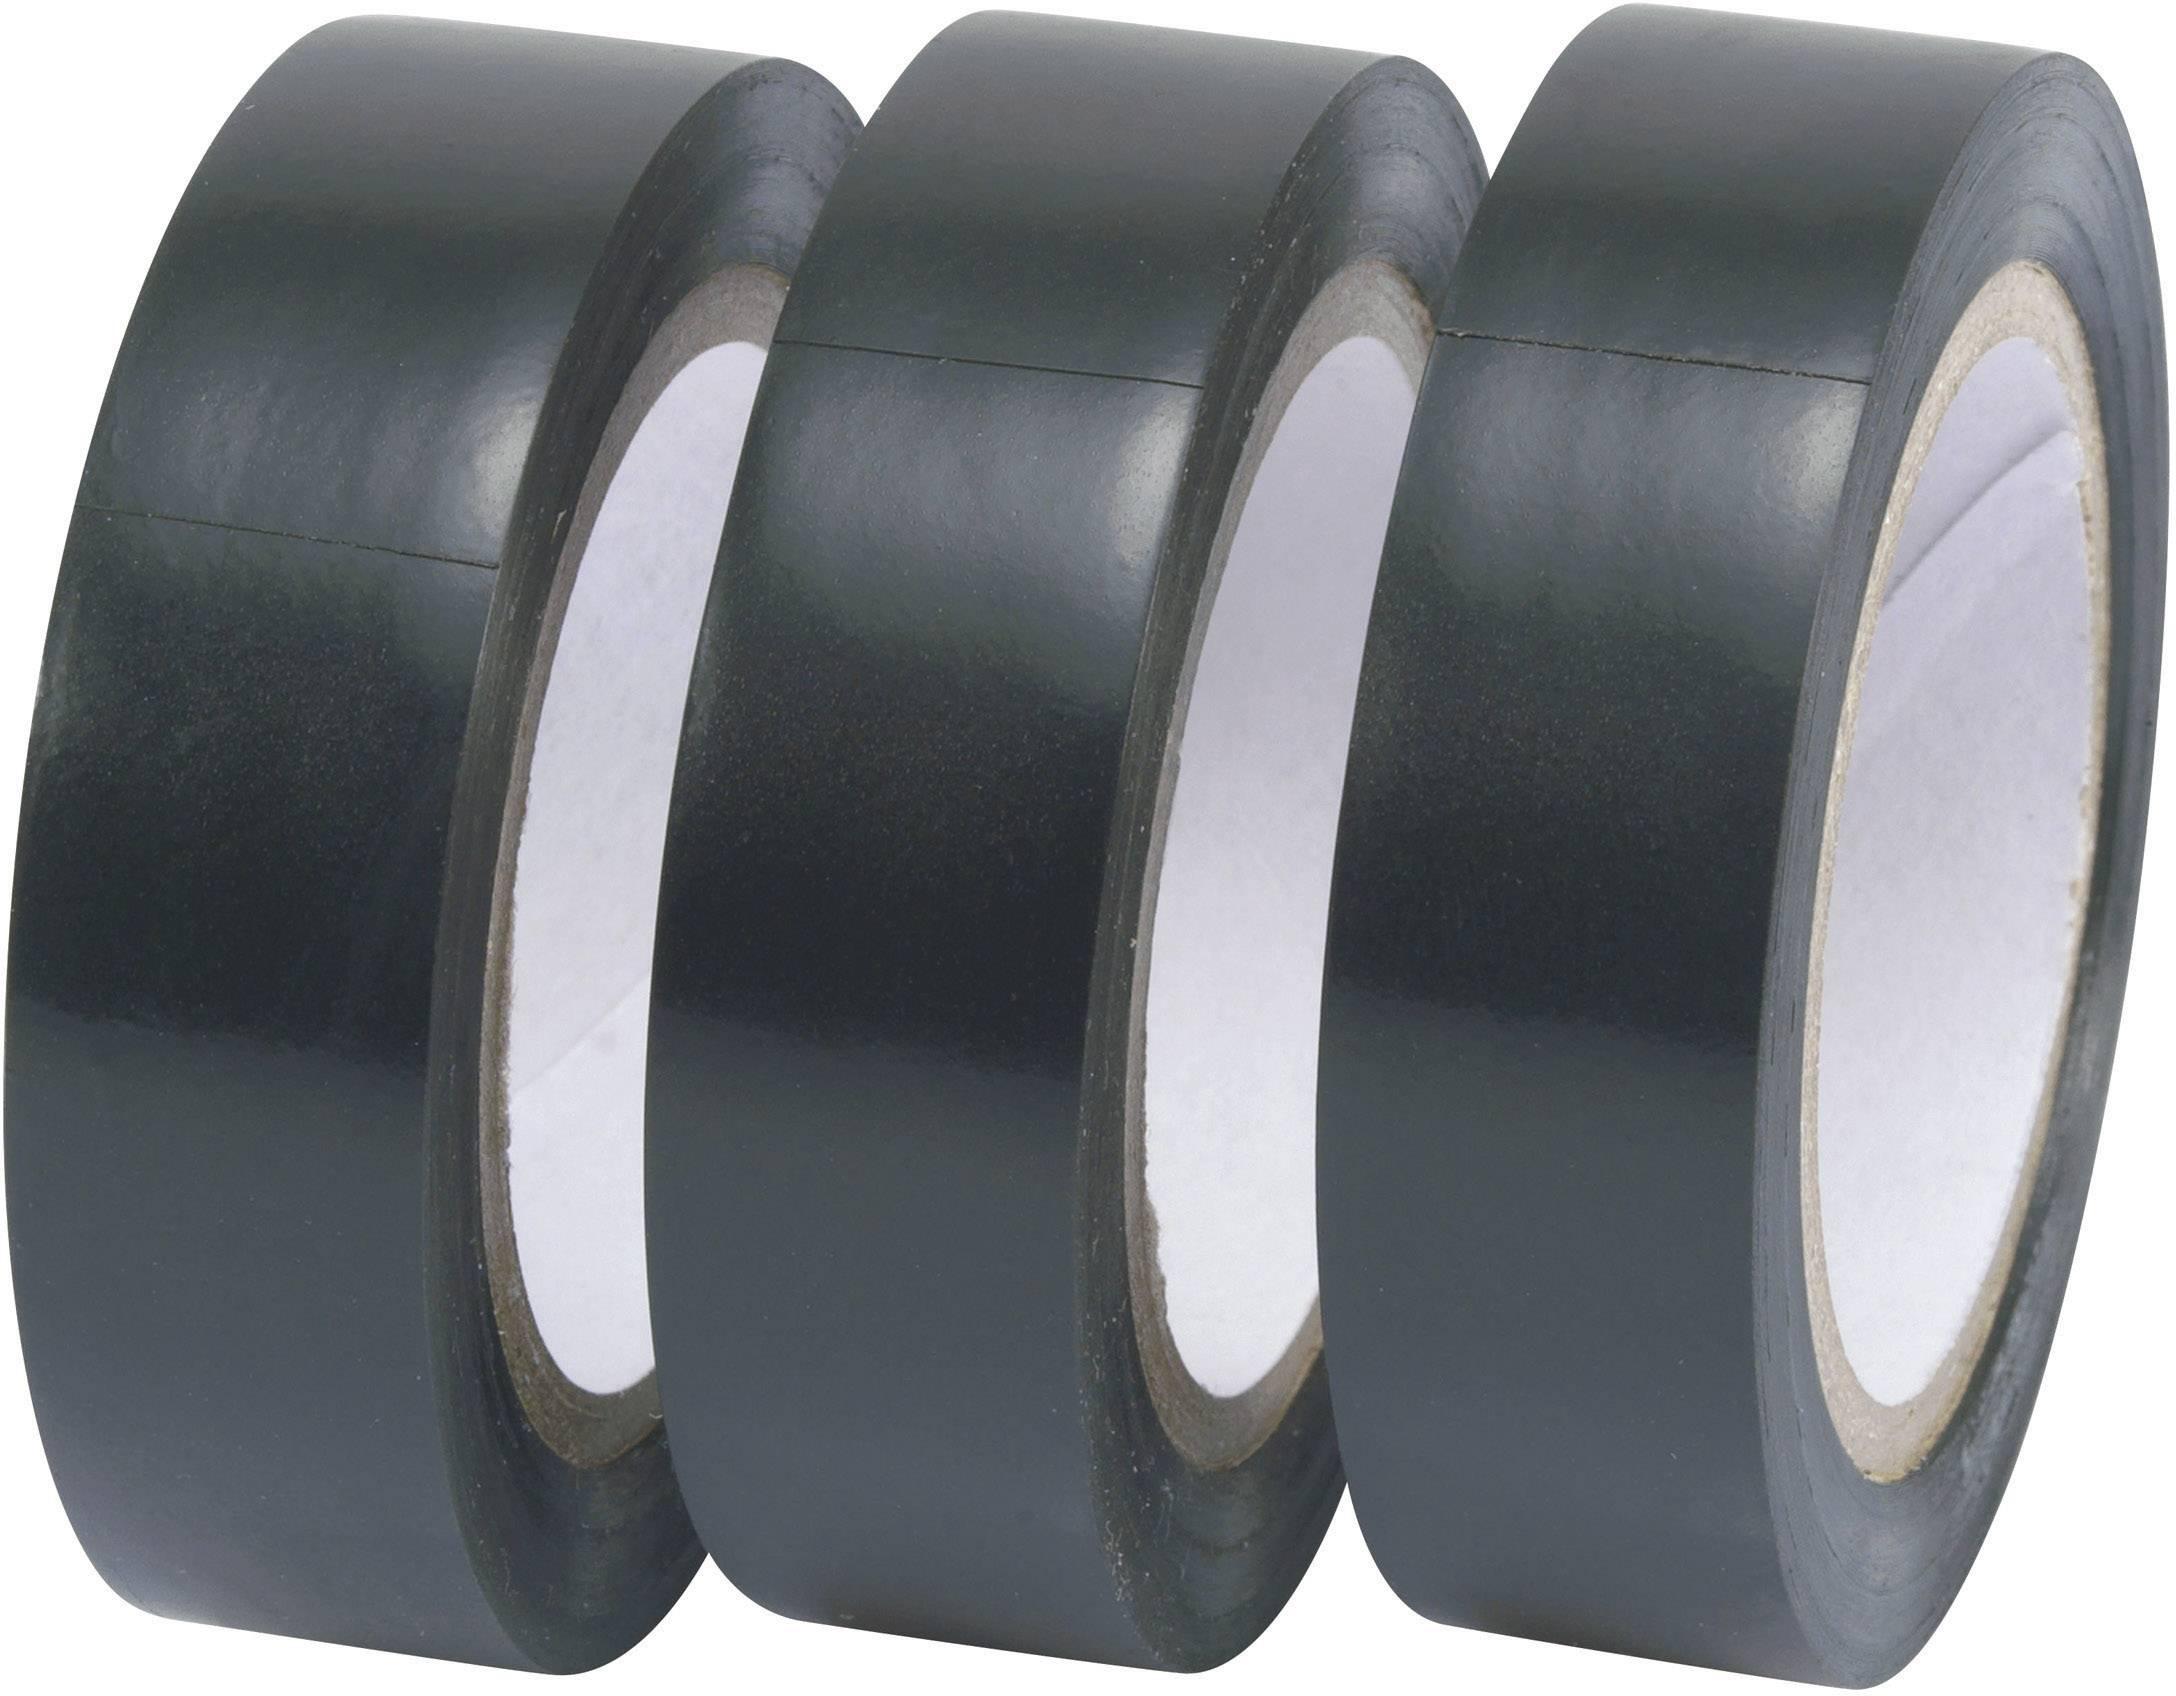 Izolačná páska Conrad Components 541659, (d x š) 10 m x 15 mm, čierna, 3 roliek